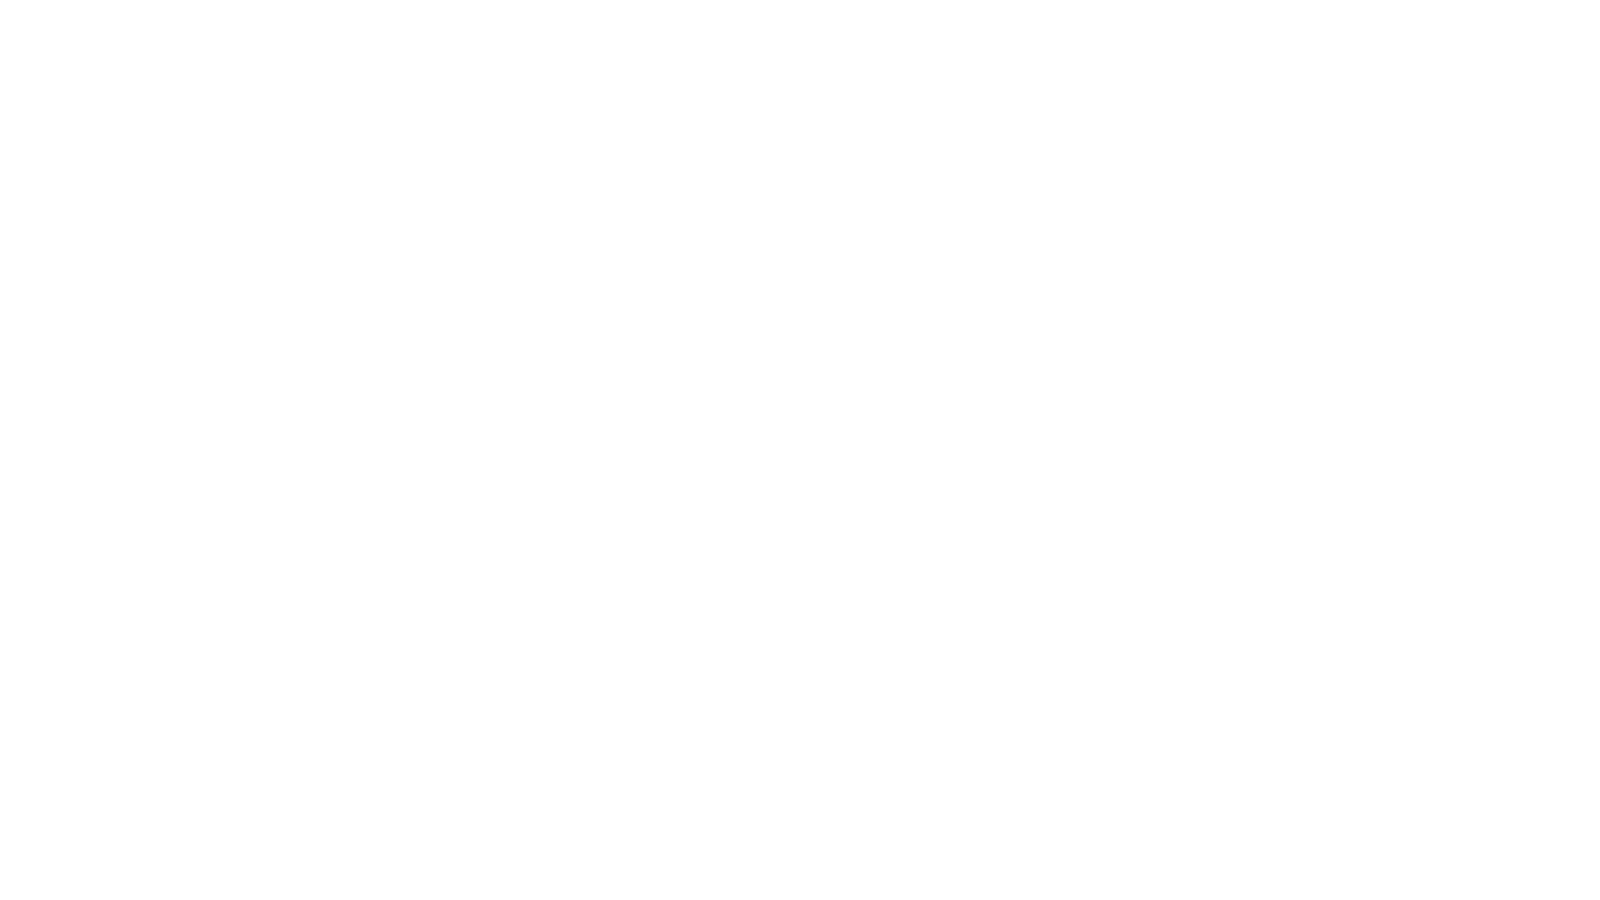 """Dies ist der Video-Kanal der Selbsthilfe Bremerhavener Topf e.V.. Hier stellen sich die Akteure der Bremerhavener Selbsthilfebewegung, der Selbsthilfekontaktstelle """"die SIKUS"""" und der Geschäftsstelle des Vereins vor.    Der Kanal lädt dazu ein, Aktivitäten, Wünsche, Hoffnungen, aber auch Erwartungen und Forderungen im Gespräch zu präsentieren.    Wenden Sie sich an: info@bremerhavener-topf.eu"""